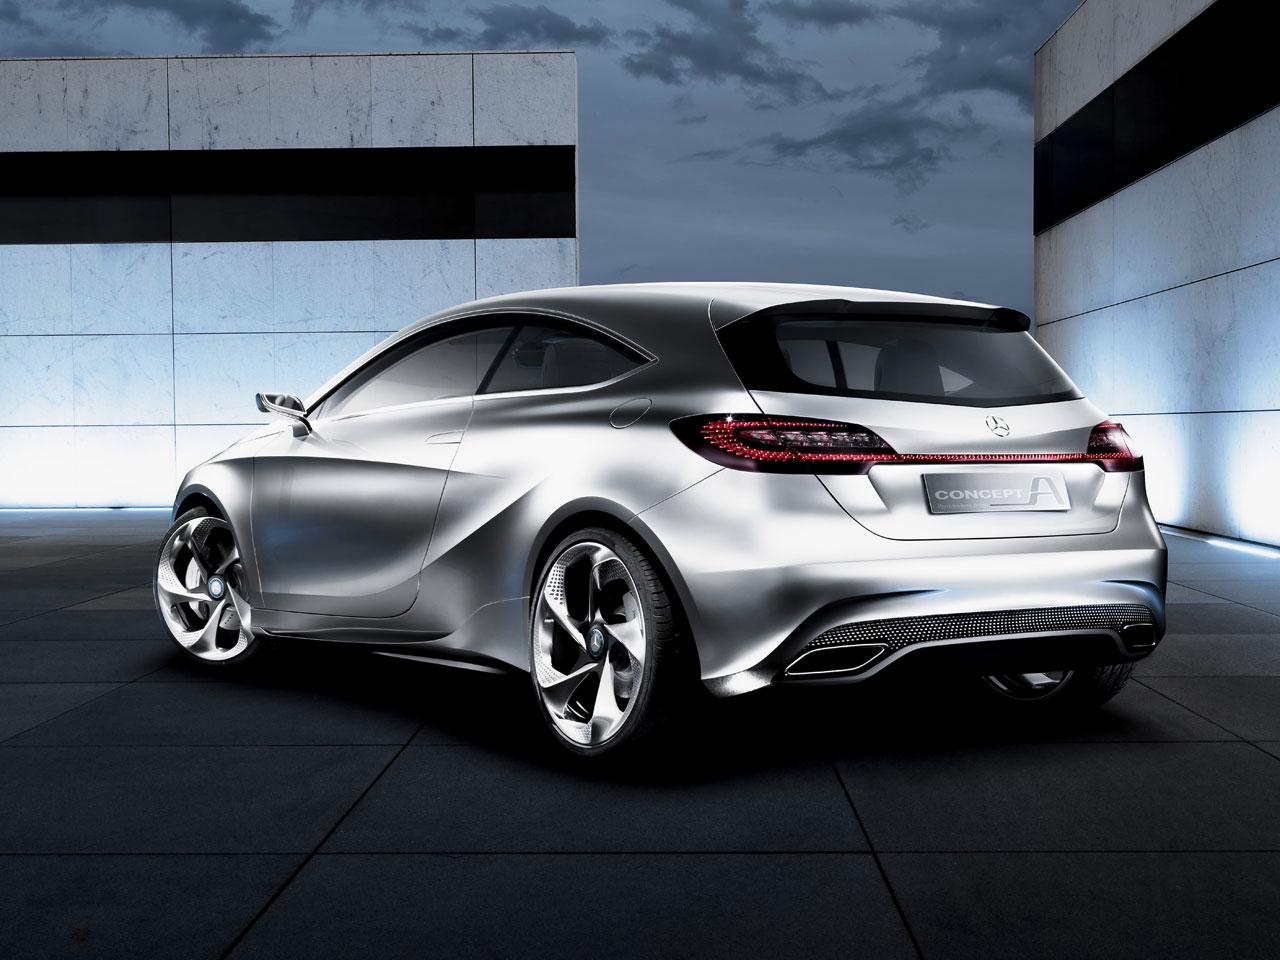 10_Mercedes-Benz-Concept-A-Class-011